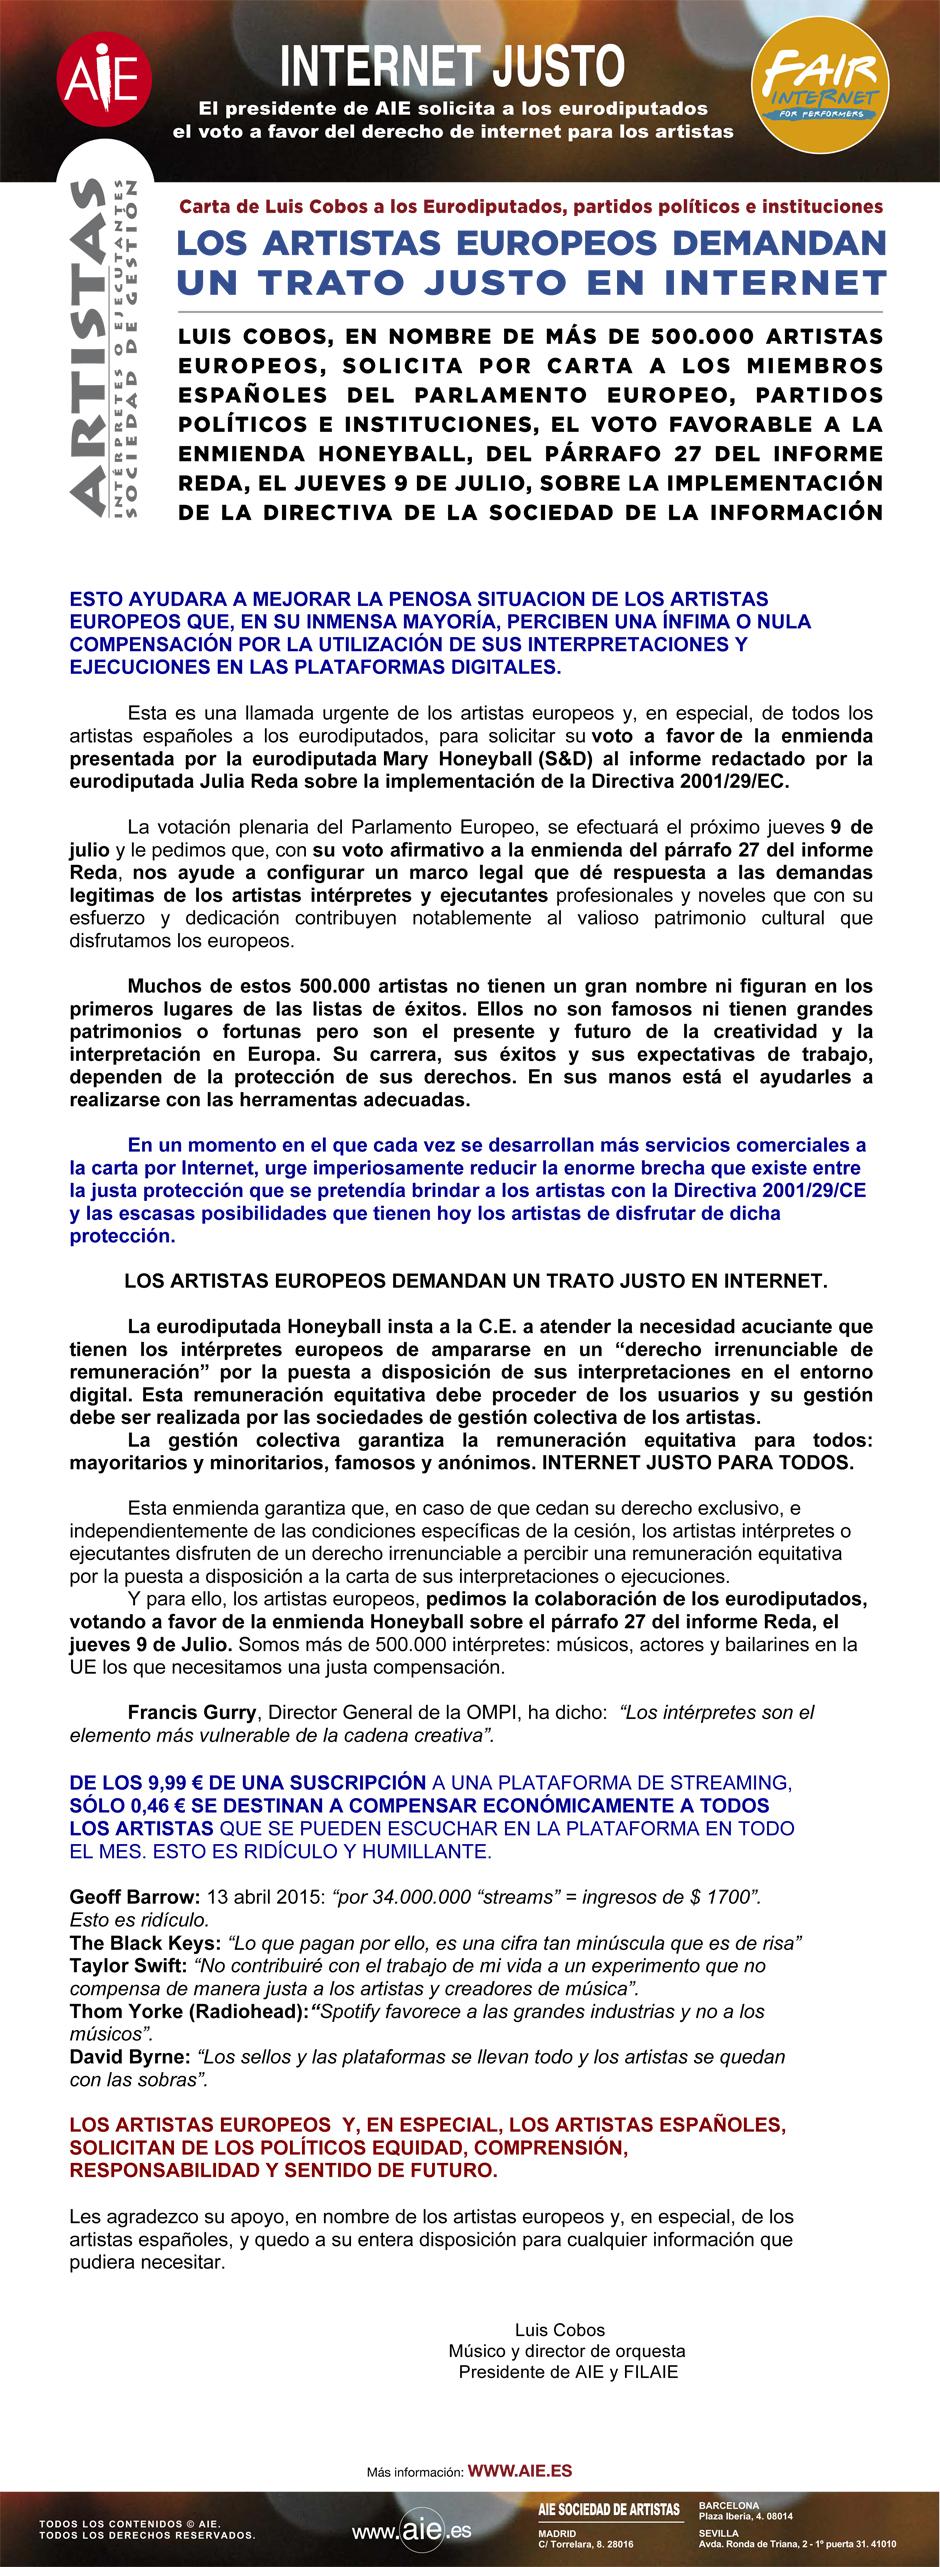 AIE FAIR INTERNET Los artistas europeos demandan un trato justo en Internet